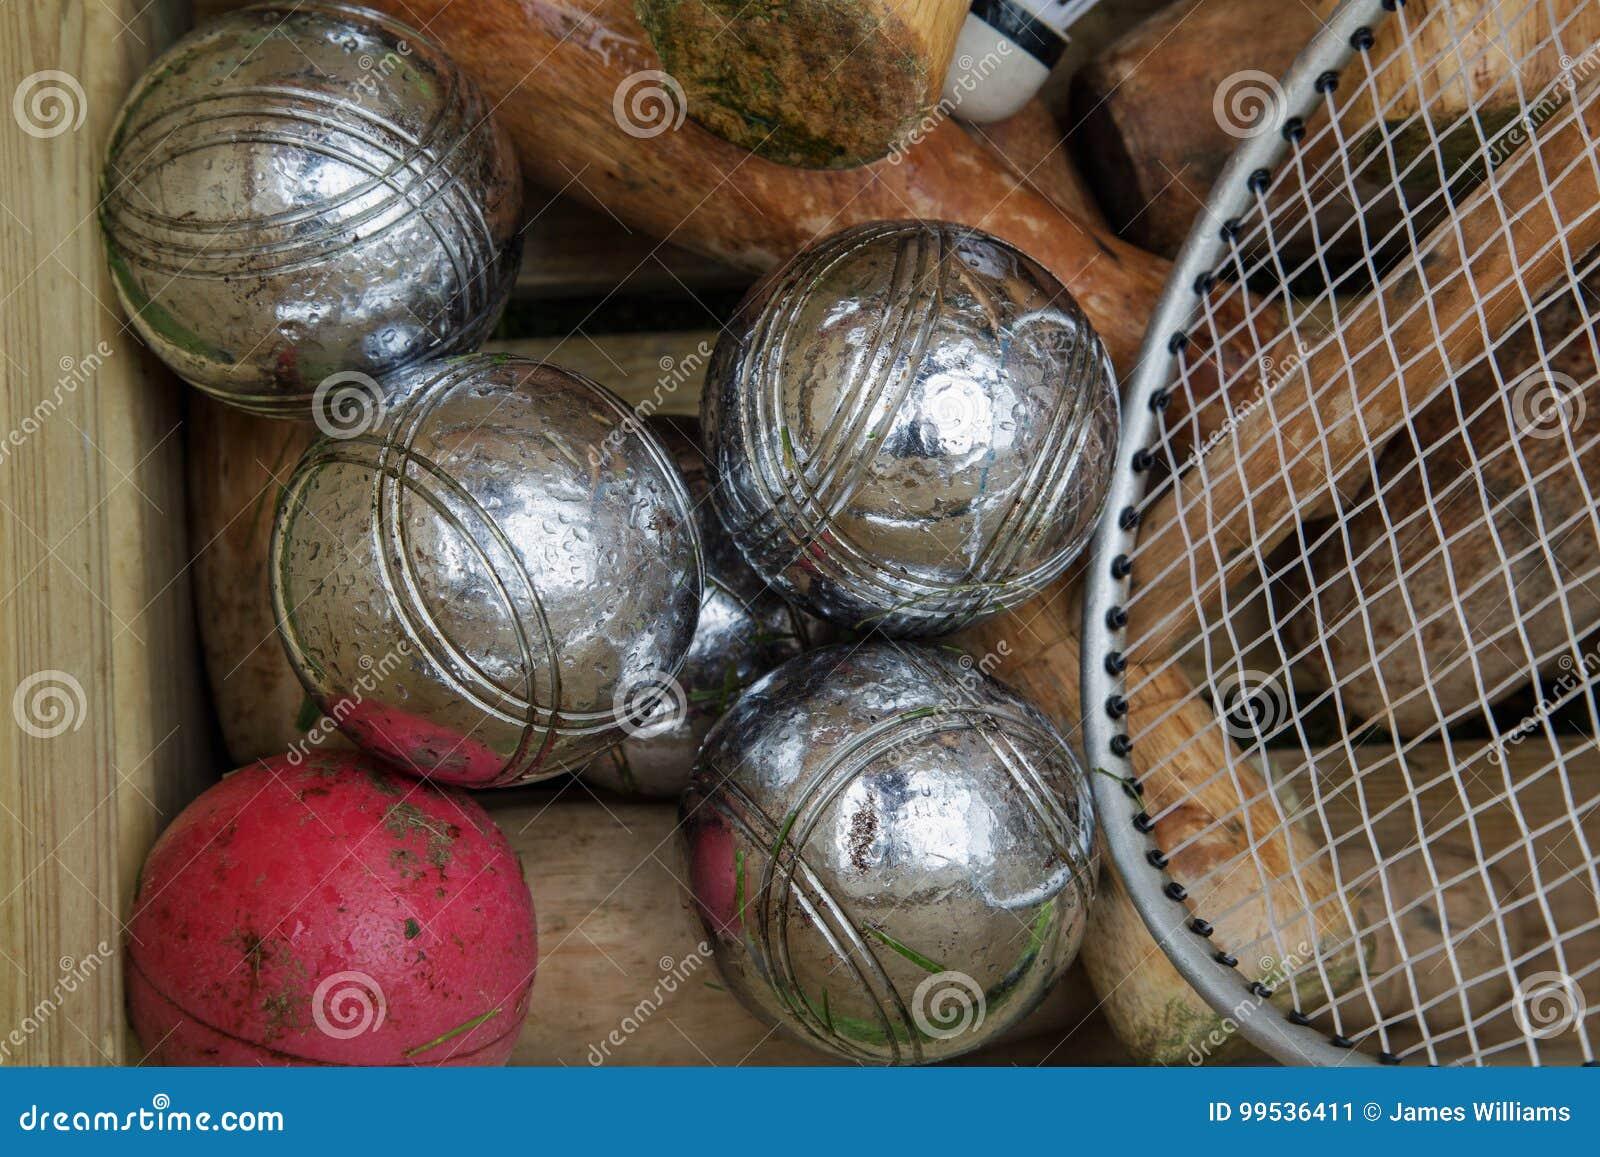 Шарики Boules и мушкелы крокета и ракетки тенниса в коробке осмотренной сверху